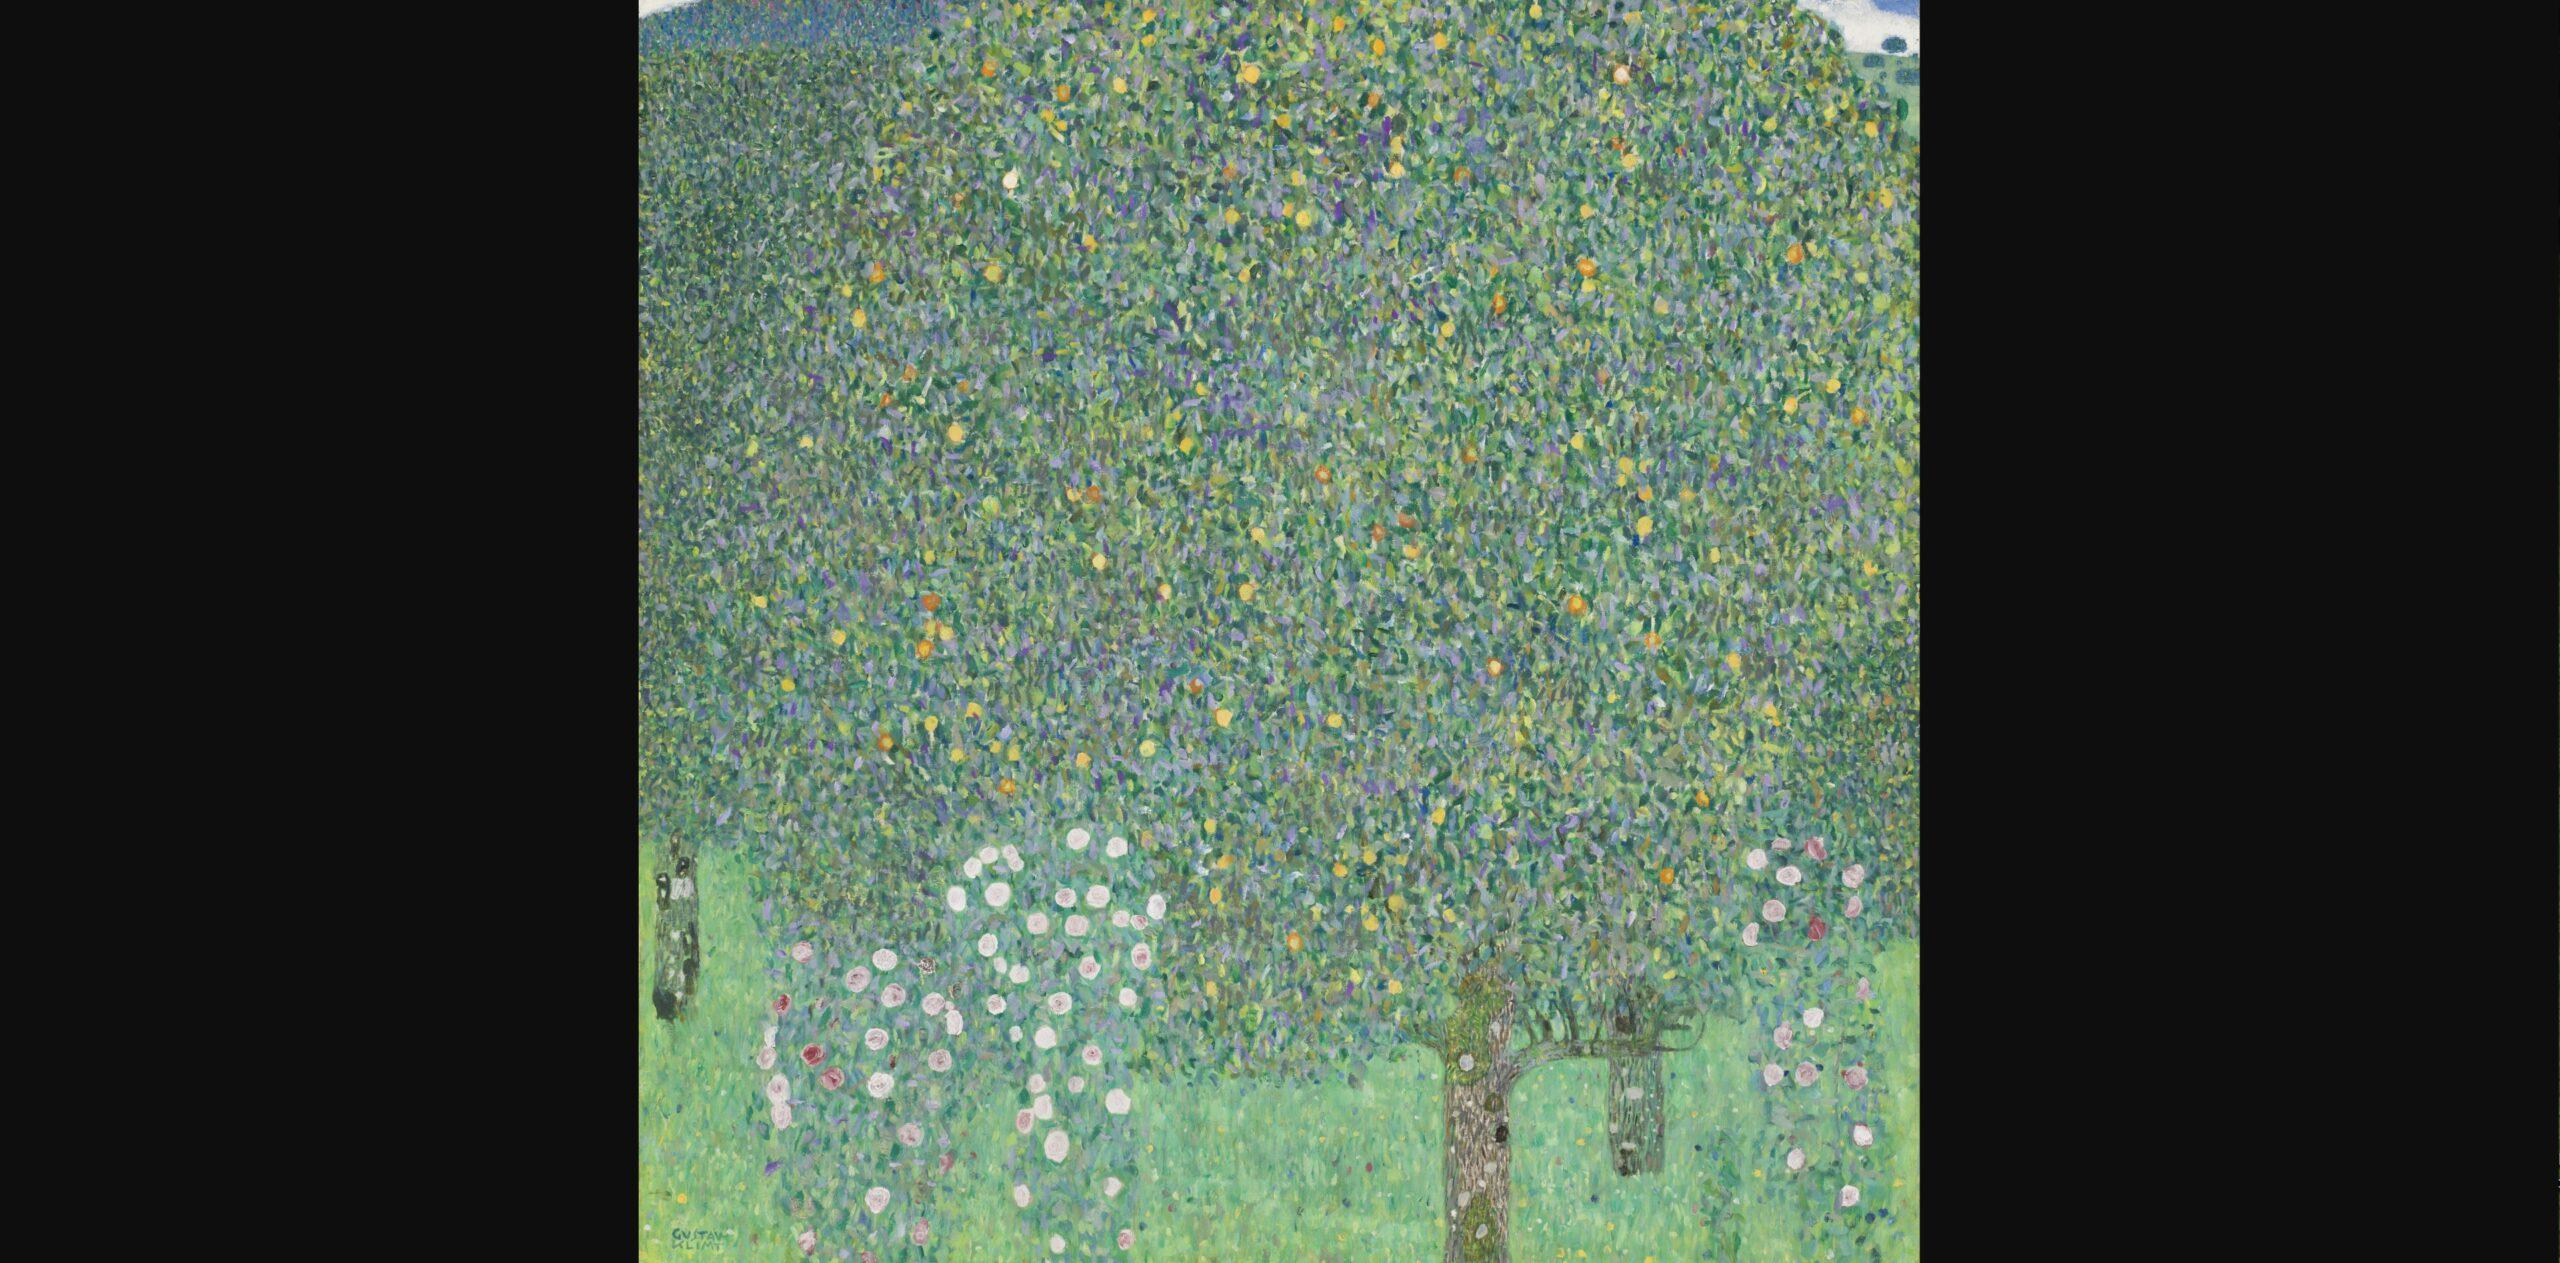 Giustizia è fatta. Dopo 80 anni, torna agli eredi il paesaggio di Klimt estorto dai nazisti